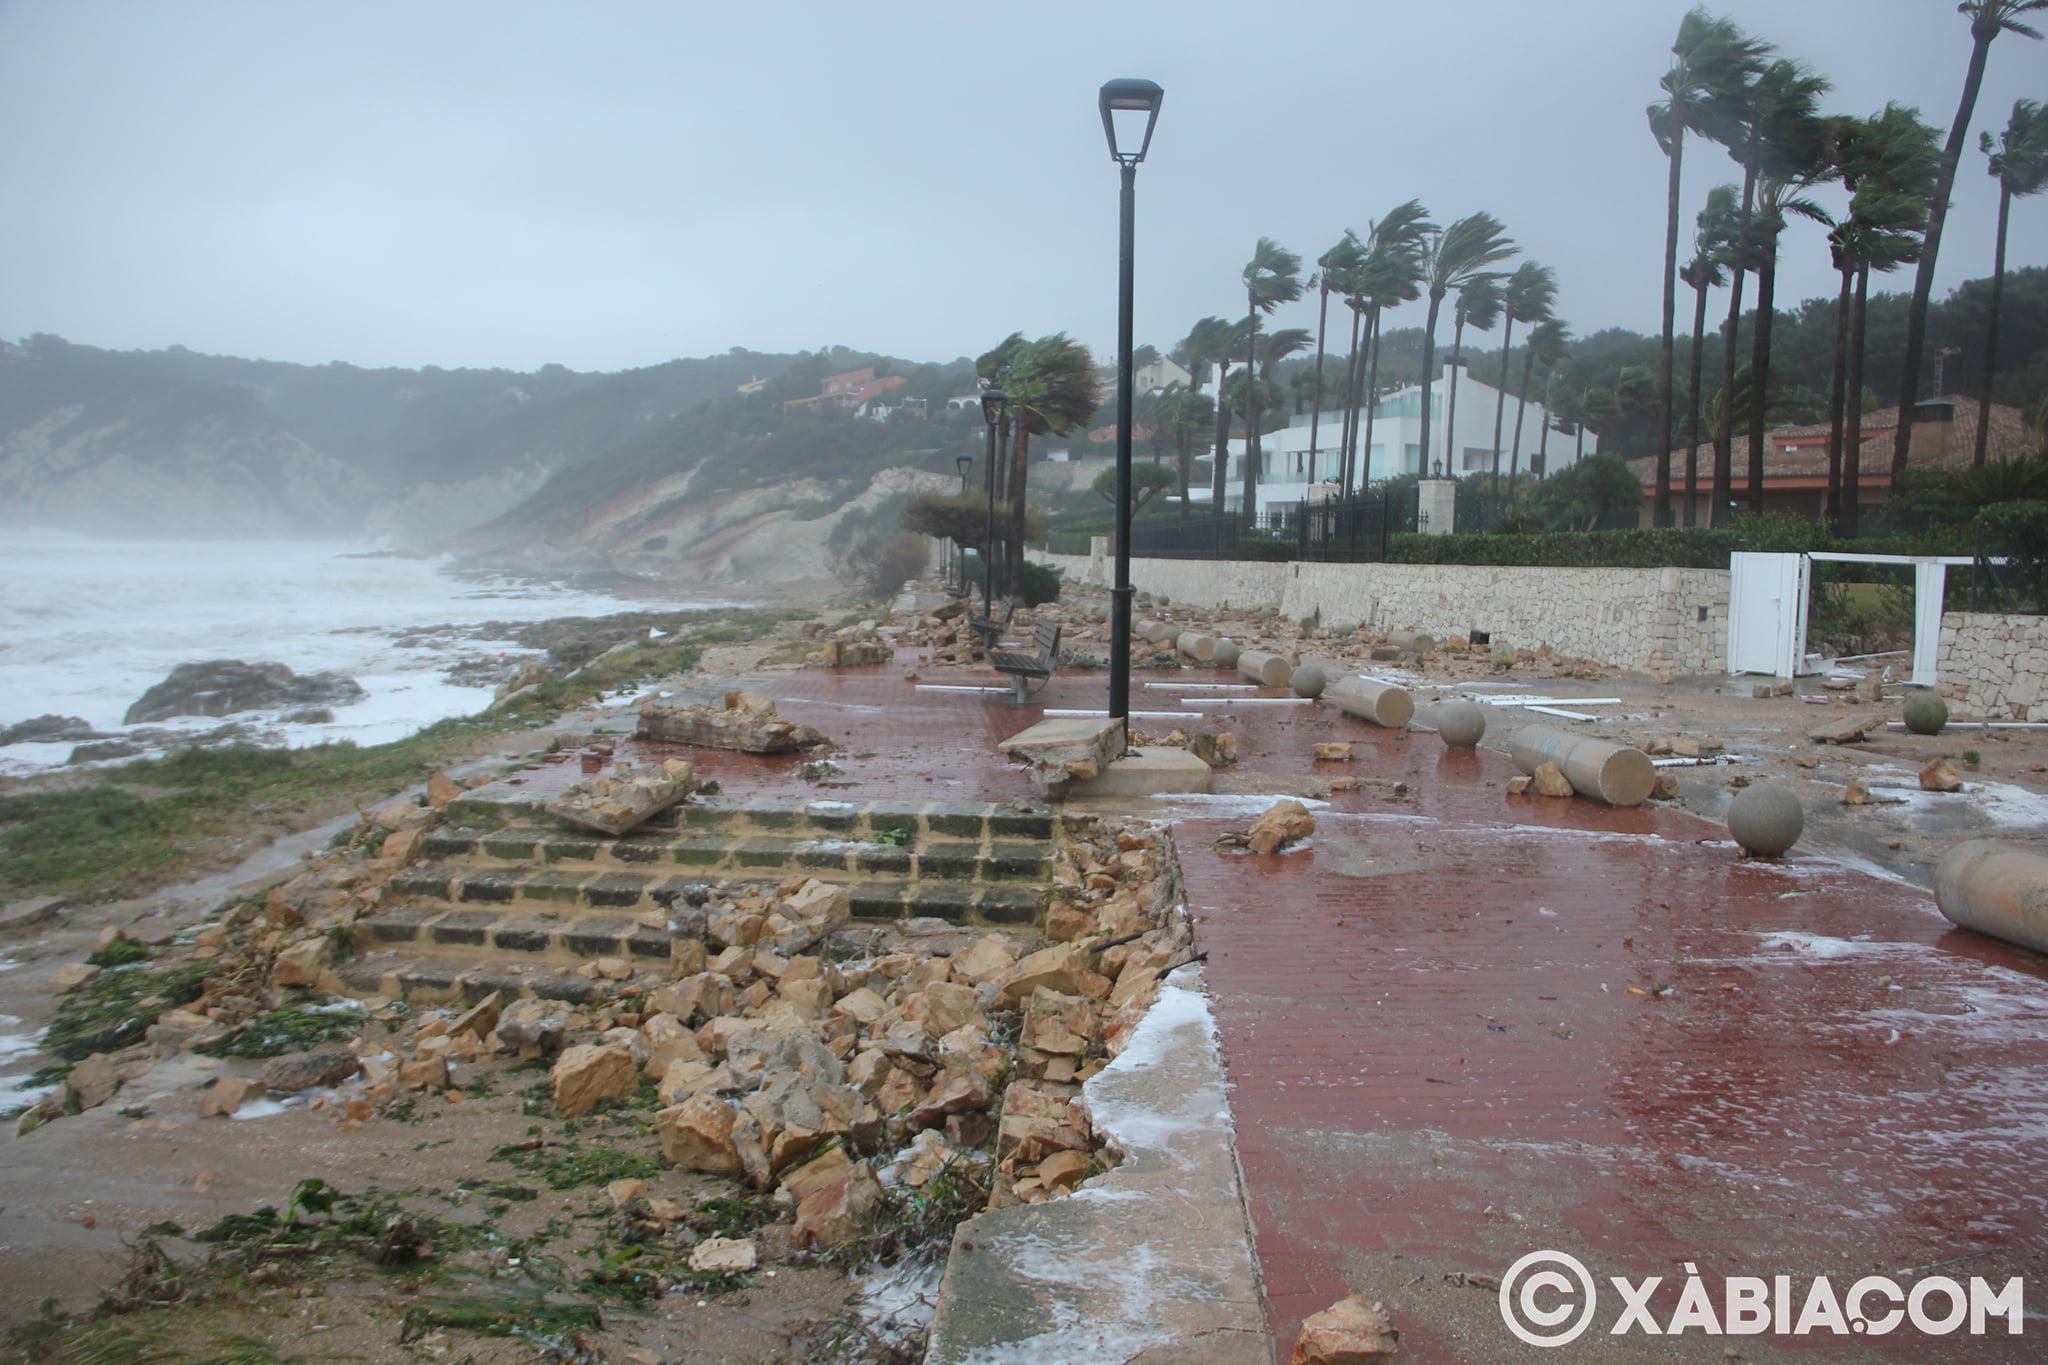 Brandelli di pioggia, vento e mare in Xàbia (8)